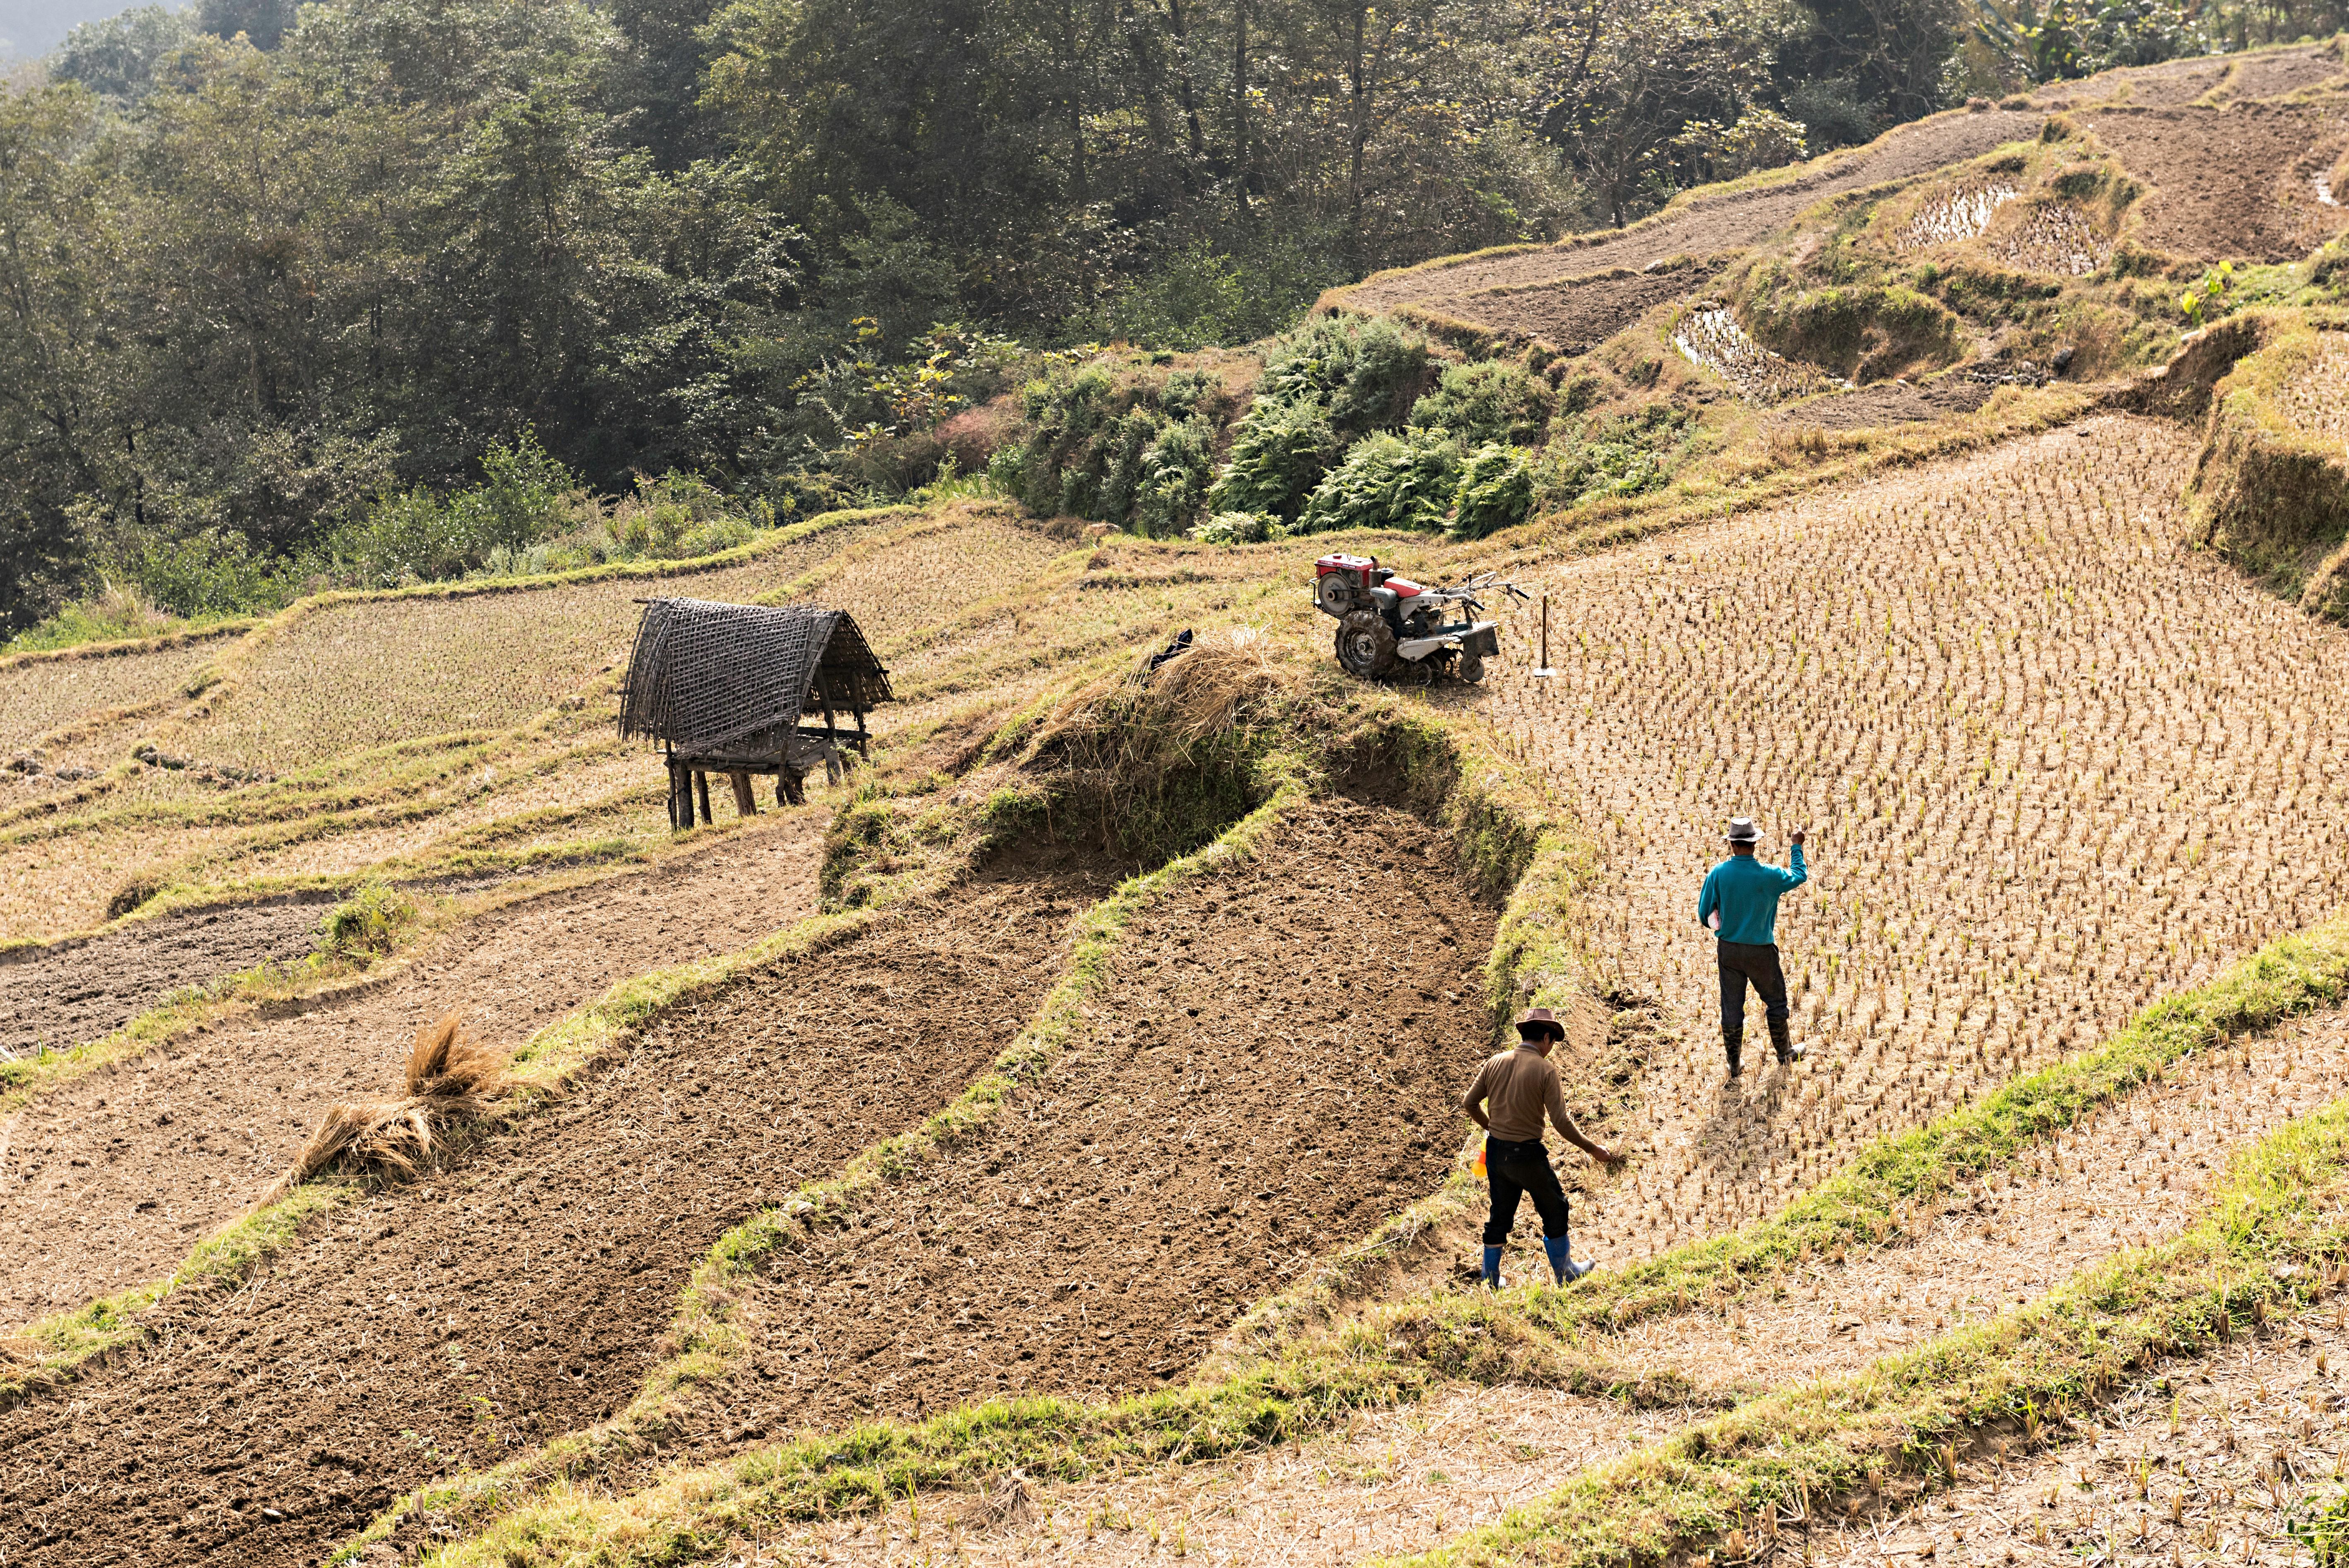 La siembra de arroz es una de las principales actividades agrícolas que se practican